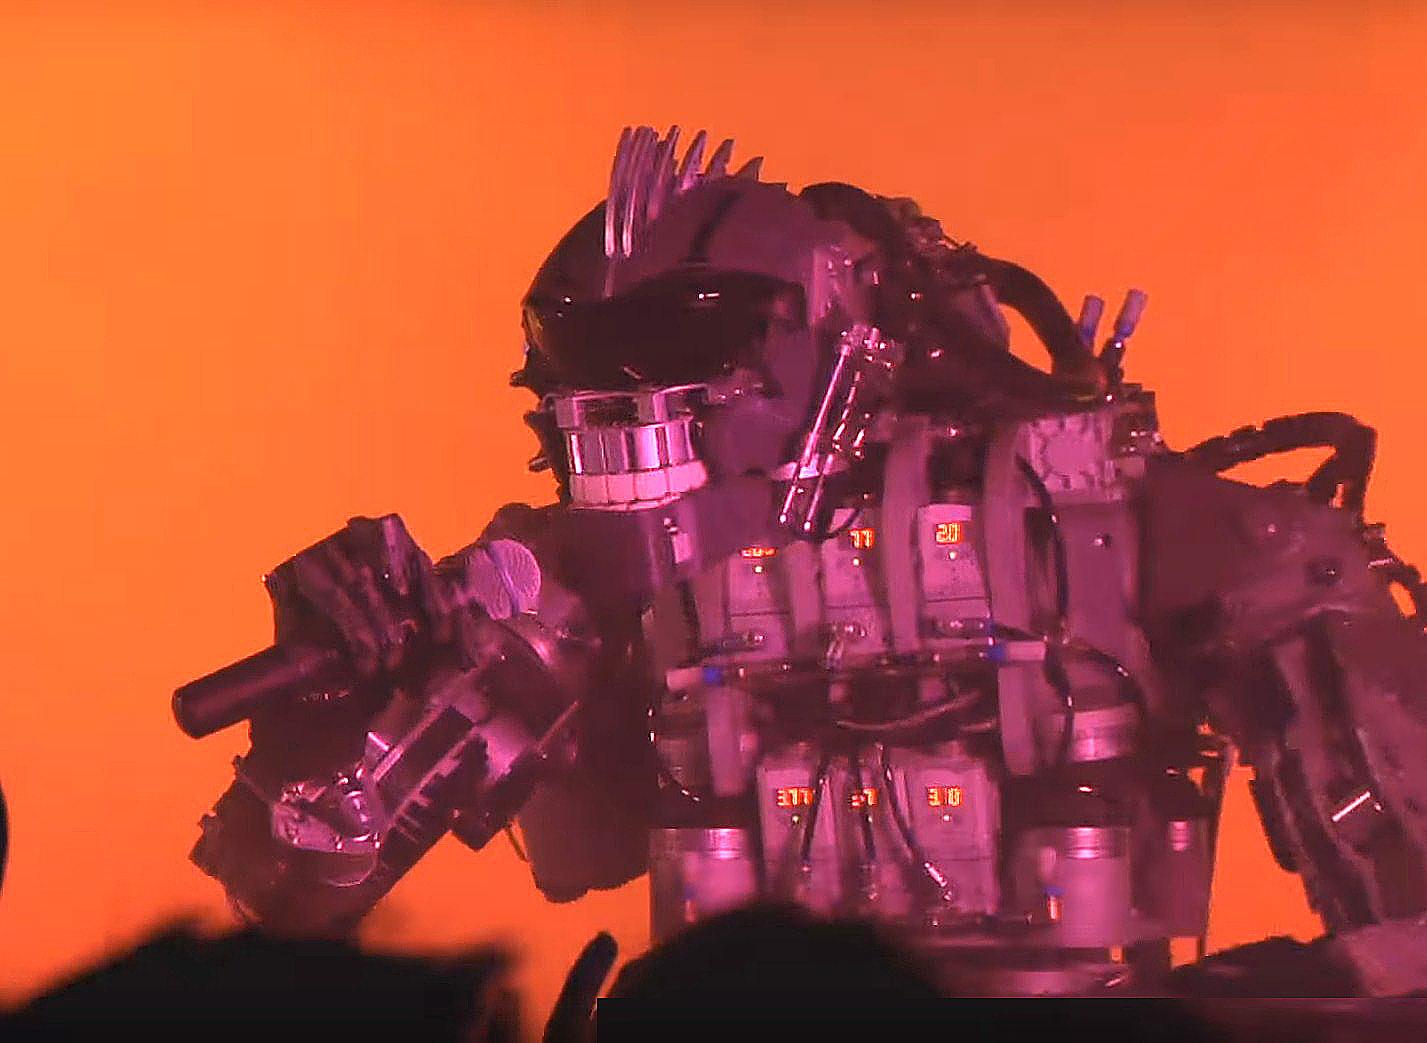 Когда ты робот, но мечтал играть в группе